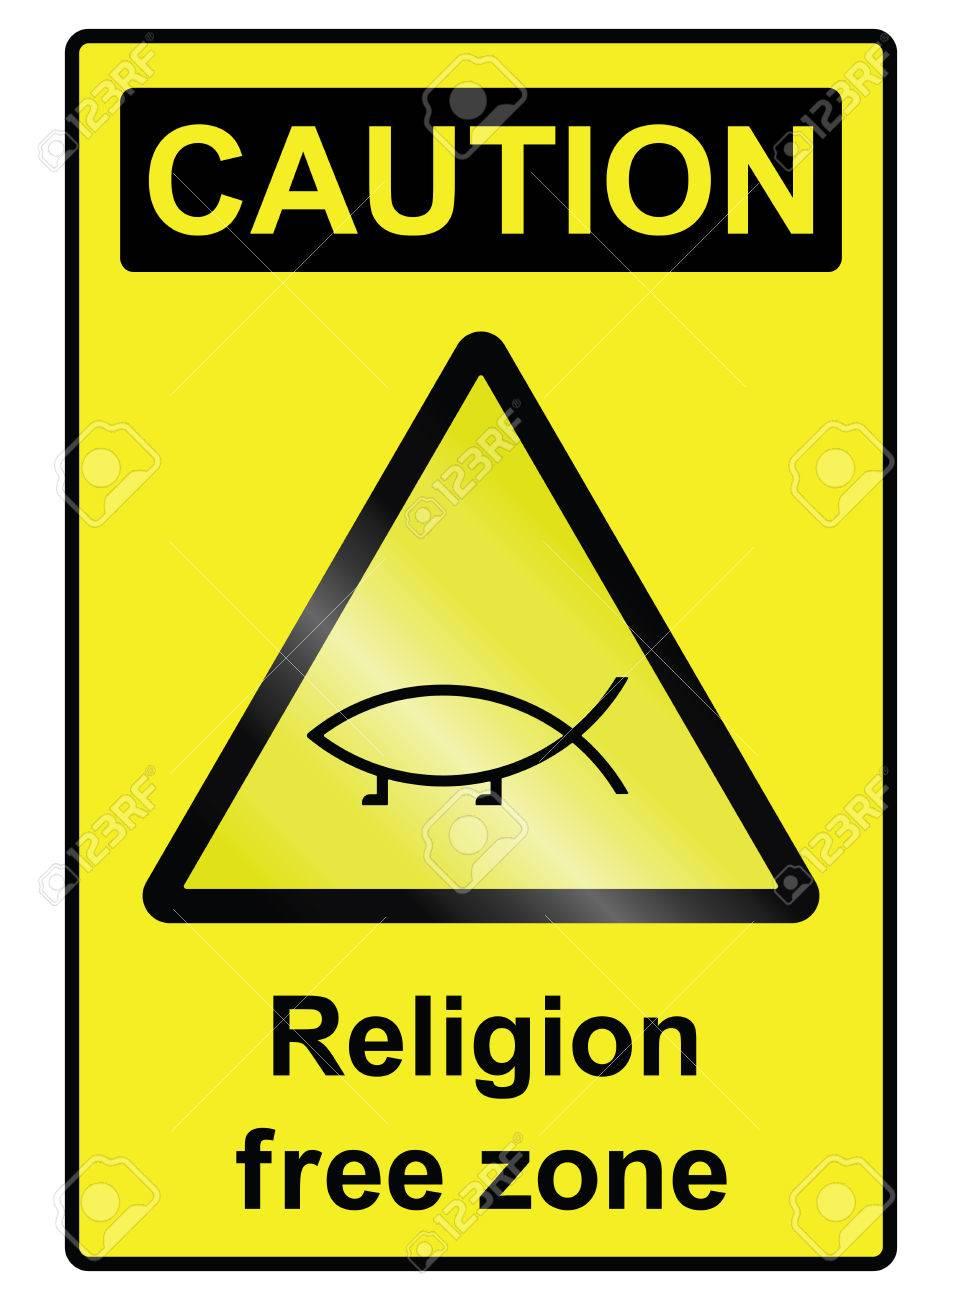 Religion Freie Zone Zeichen Auf Weißem Hintergrund Isoliert Lizenzfrei  Nutzbare Vektorgrafiken, Clip Arts, Illustrationen. Image 29760639.